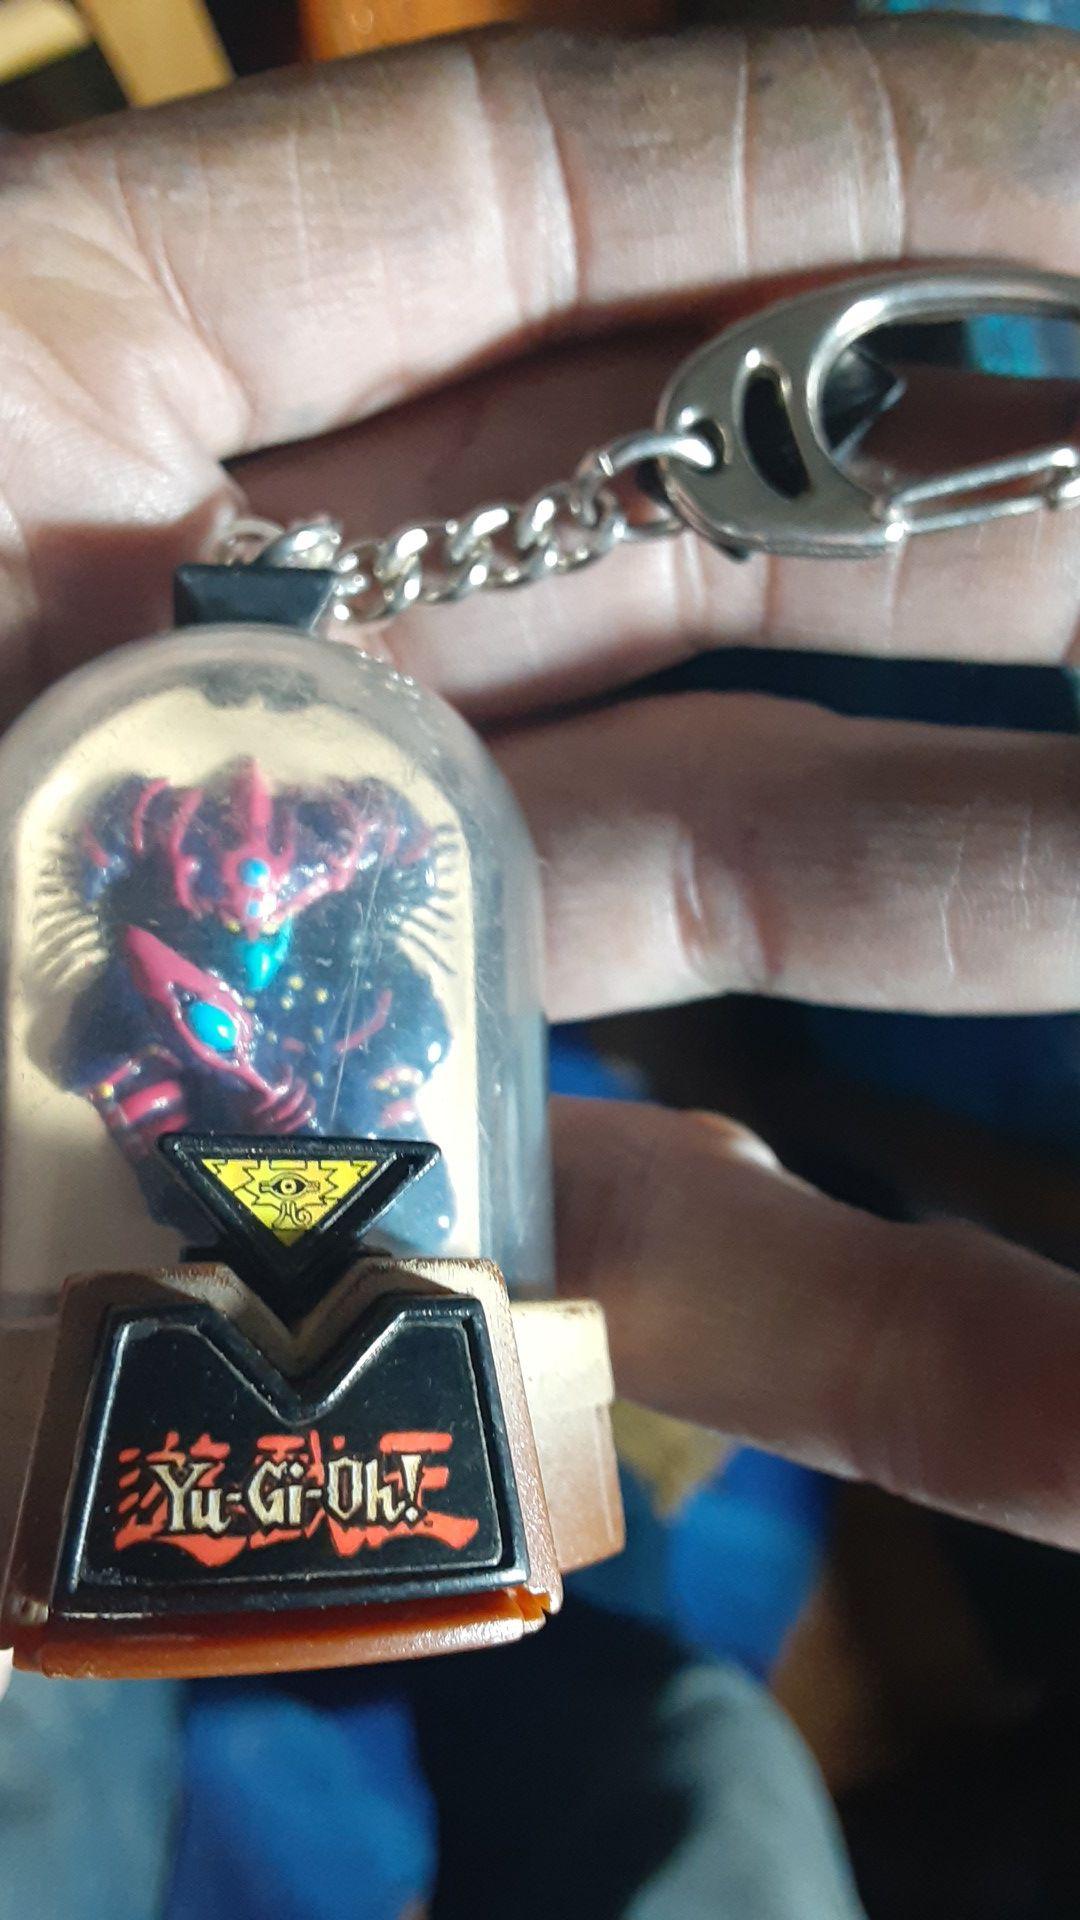 Yu-Gi-Oh! Revolving capsule clip-on